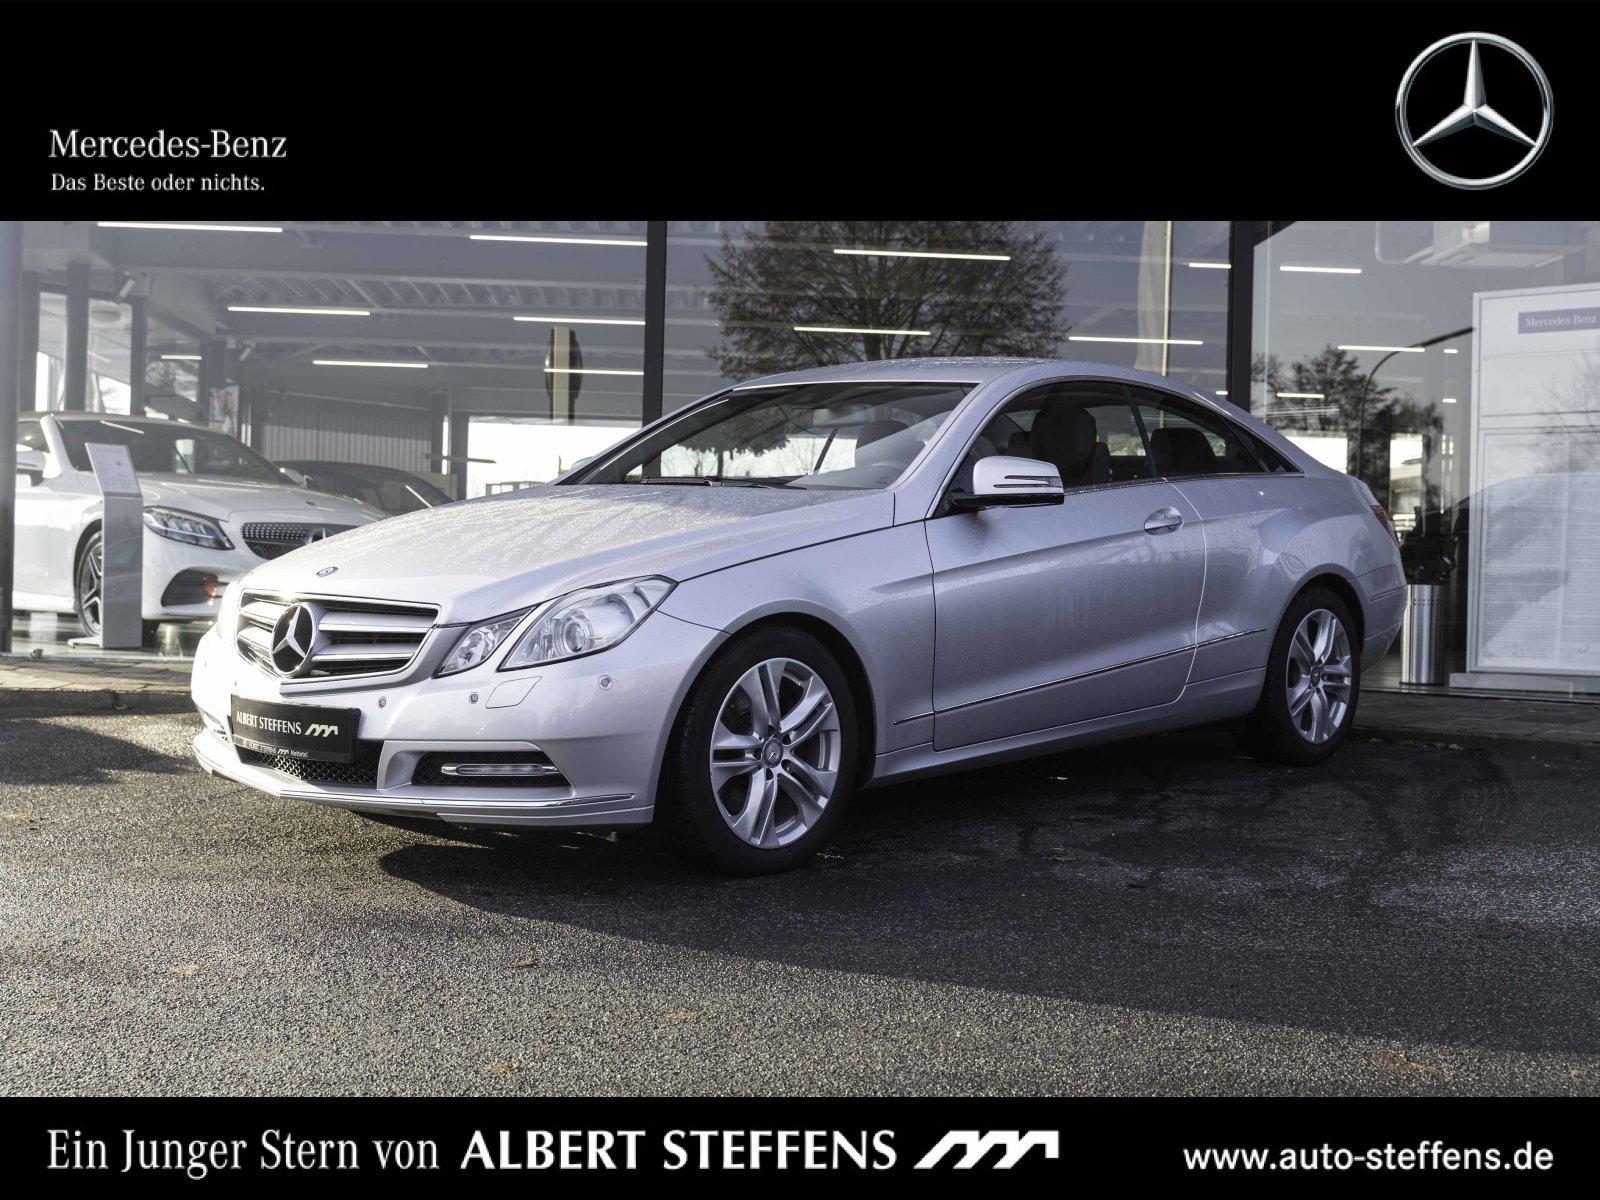 Mercedes-Benz E 300 BlueEFFICIENCY Coupé Autom./Park-Assist., Jahr 2012, petrol